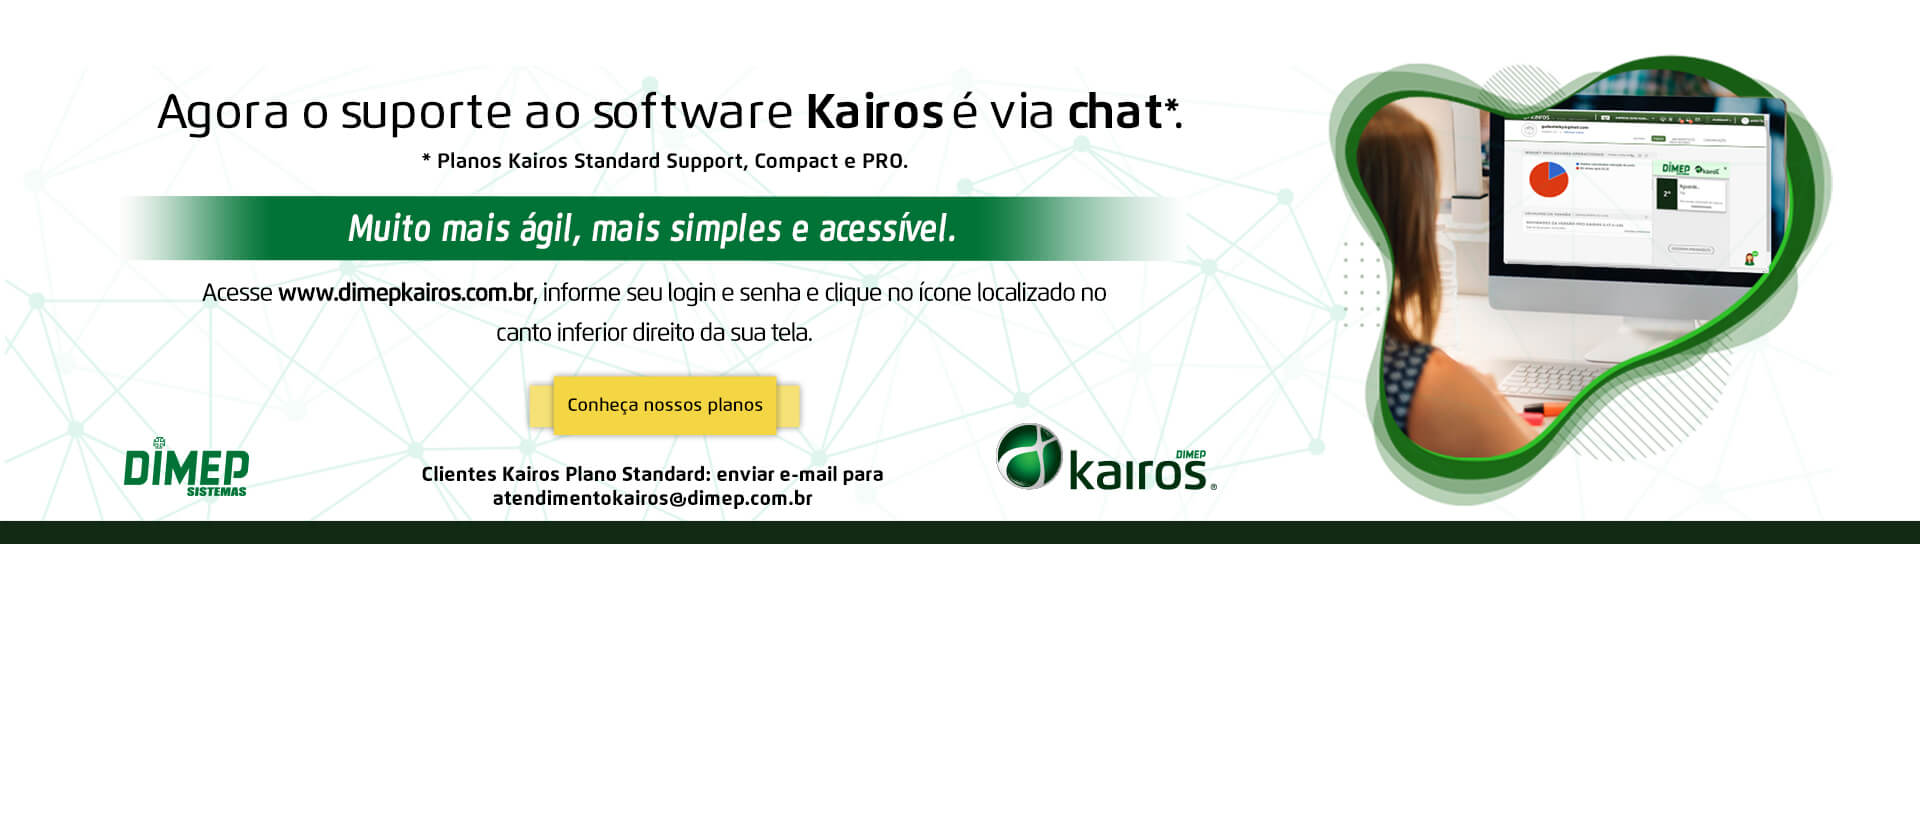 Atendimento Kairos via chat